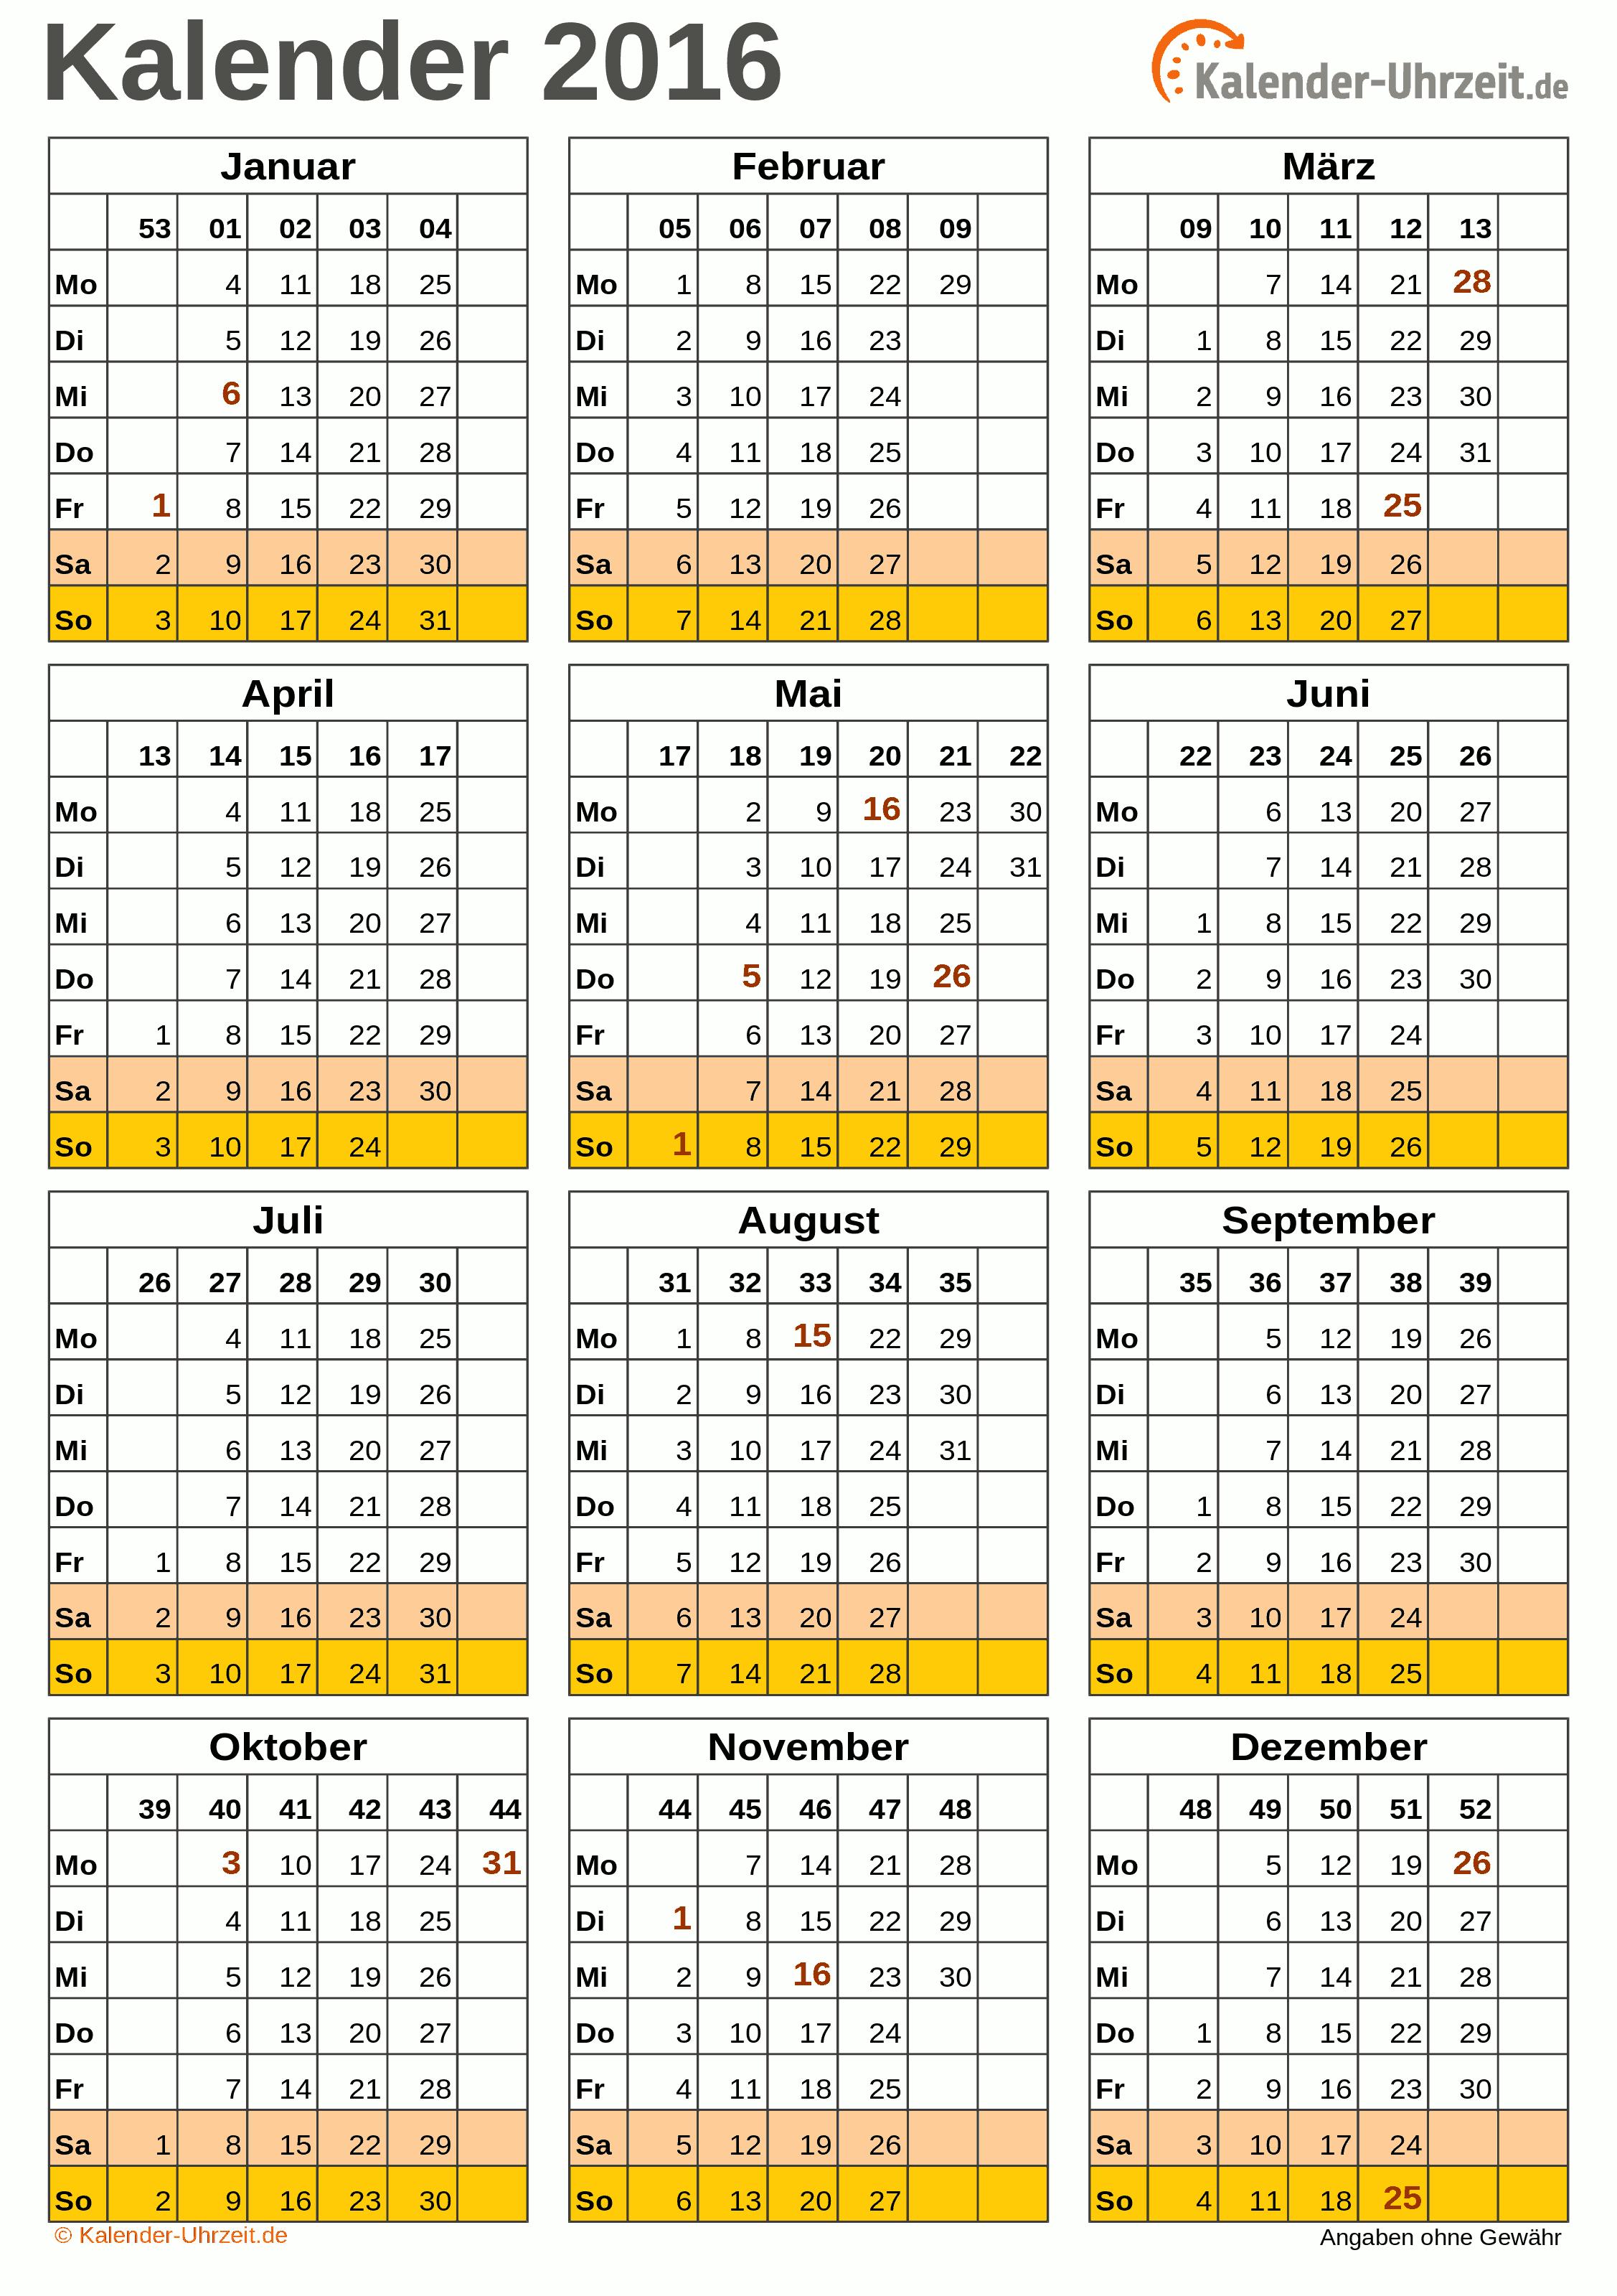 Bayern ausdrucken zum 2016 kostenlos kalender KALENDER 2016